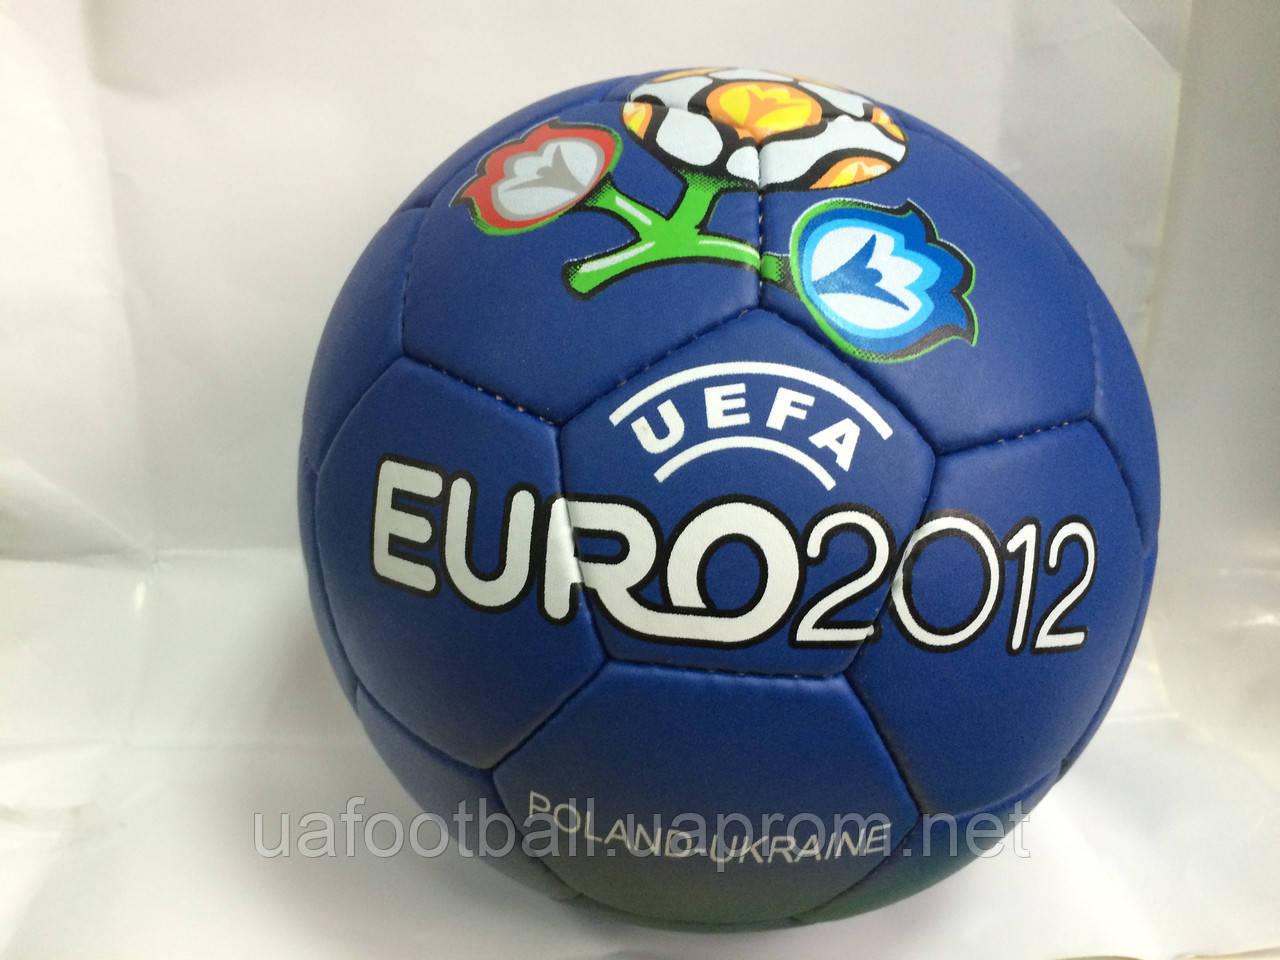 Мяч Футбольный Euro 2012 синий - SportsCity в Житомире 6d43d9a0a107a